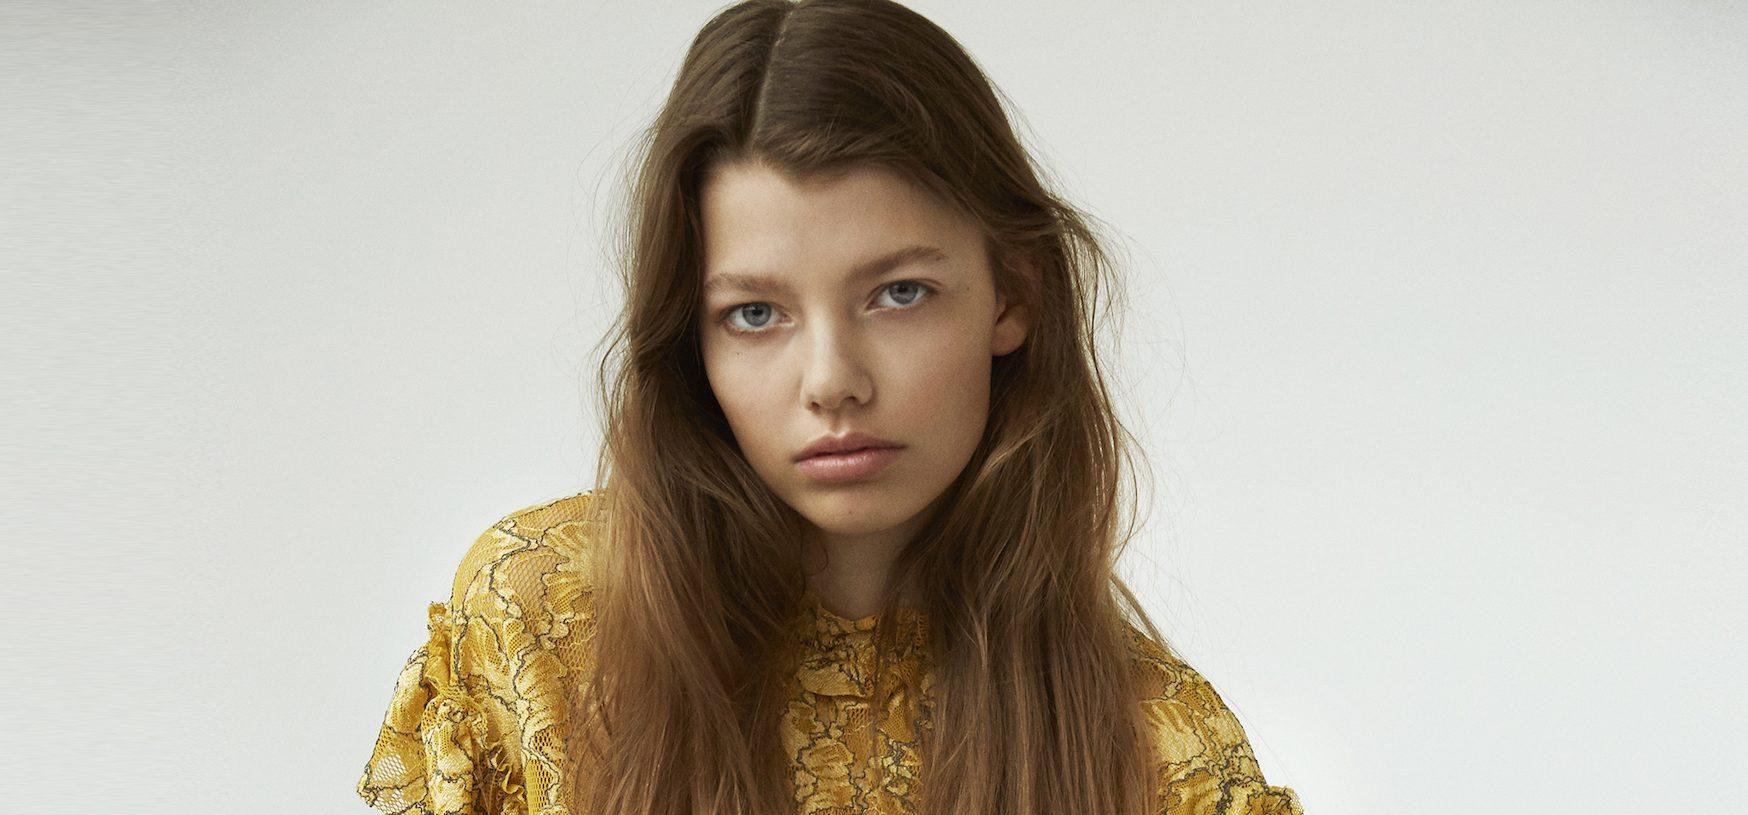 Mathilde Henning by Polina Vinogradova